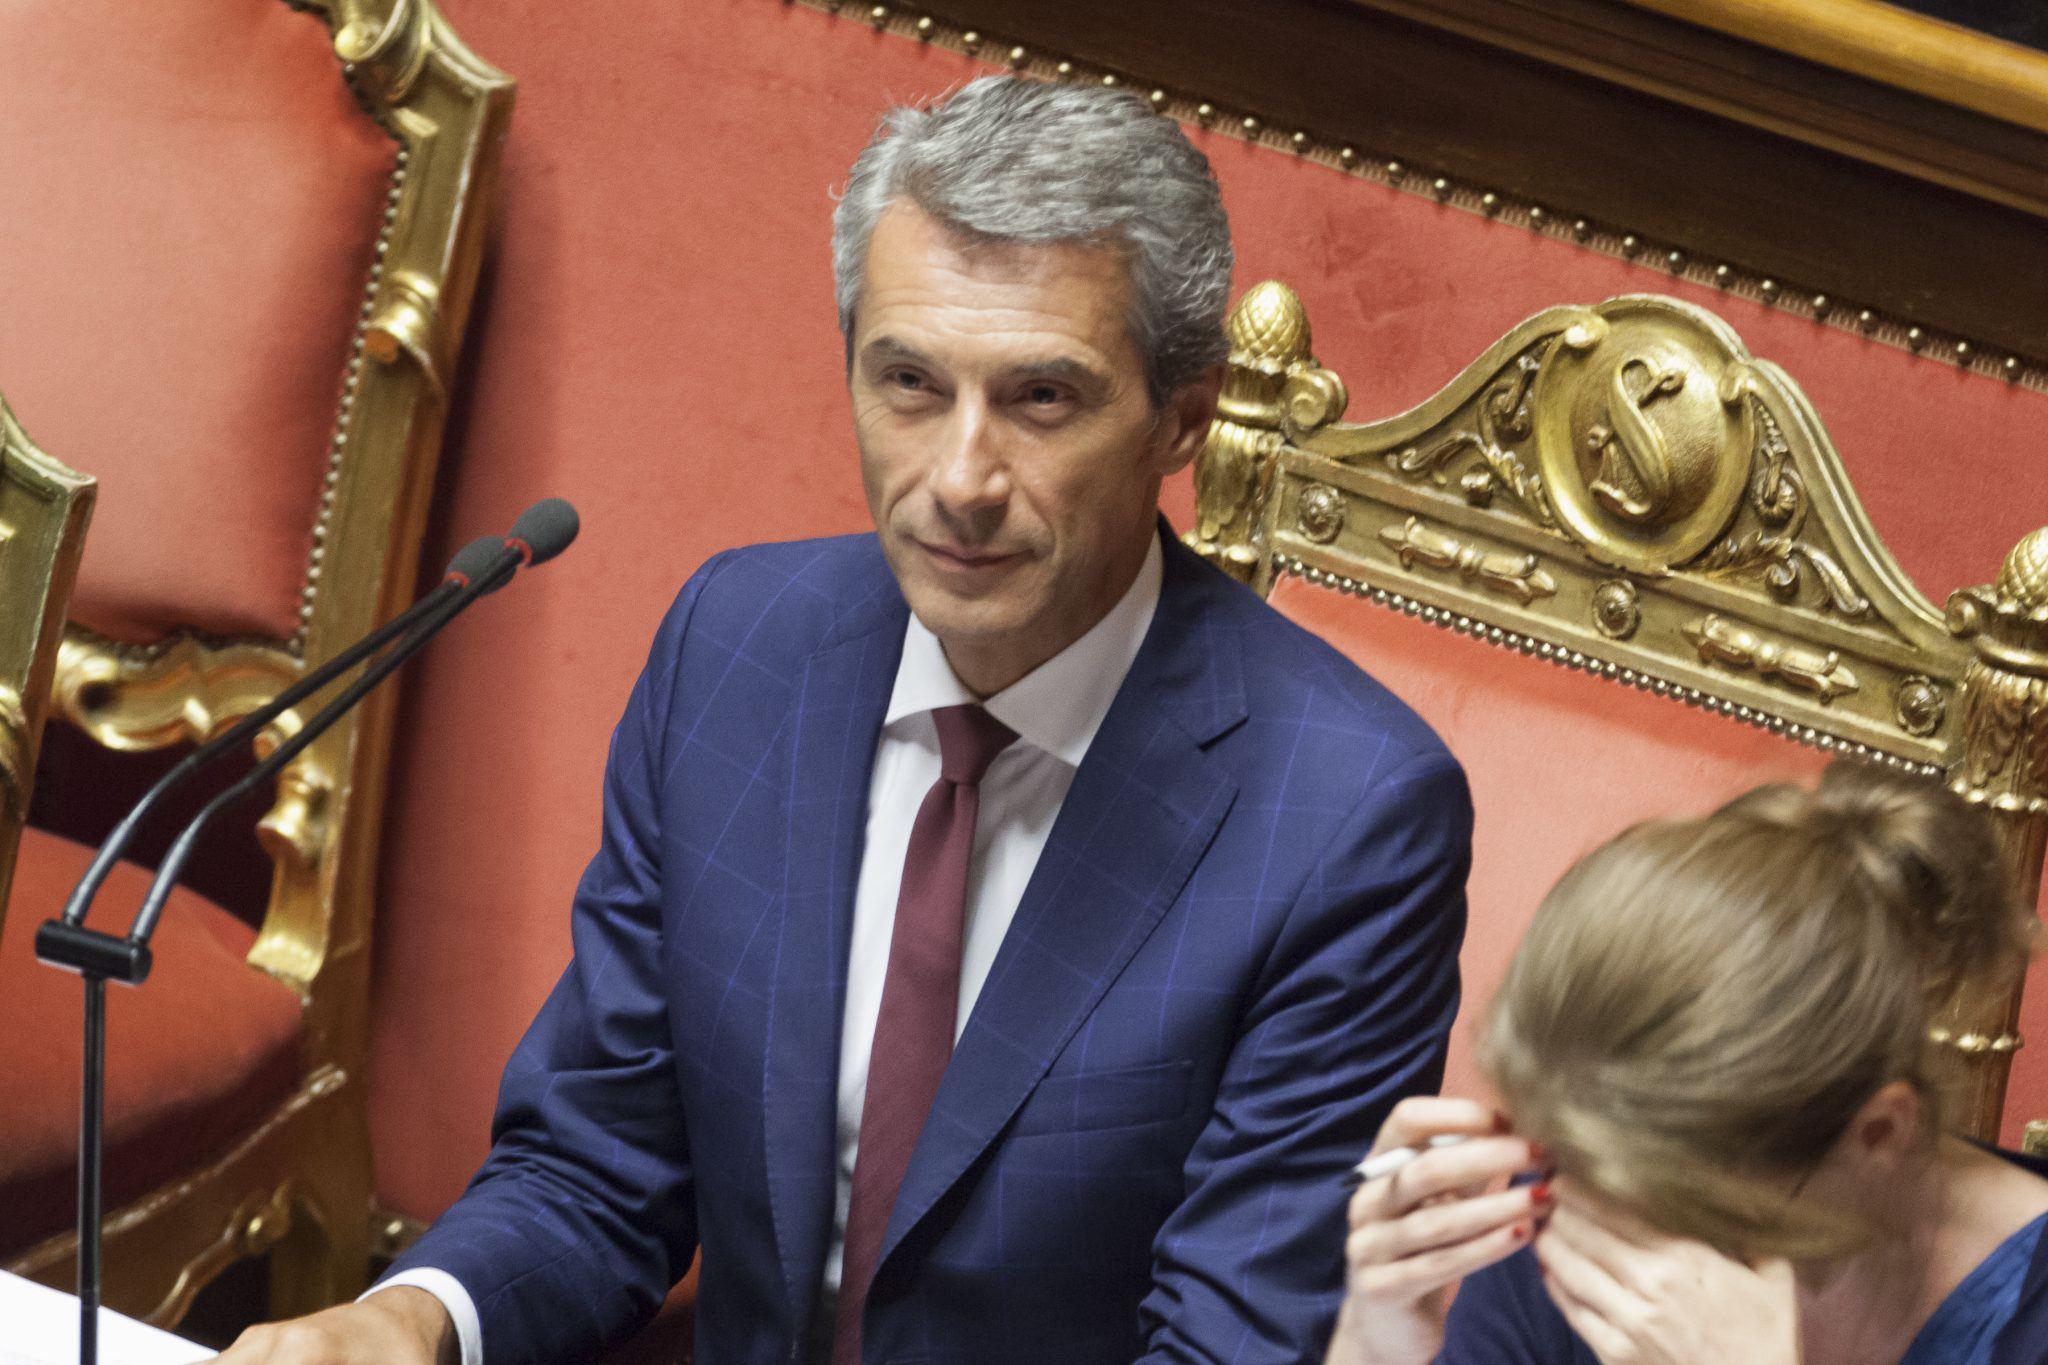 Corruzione: De Poli (Udc), Governo sani stortura normativa su Terzo settore, interrogazione a premier Conte